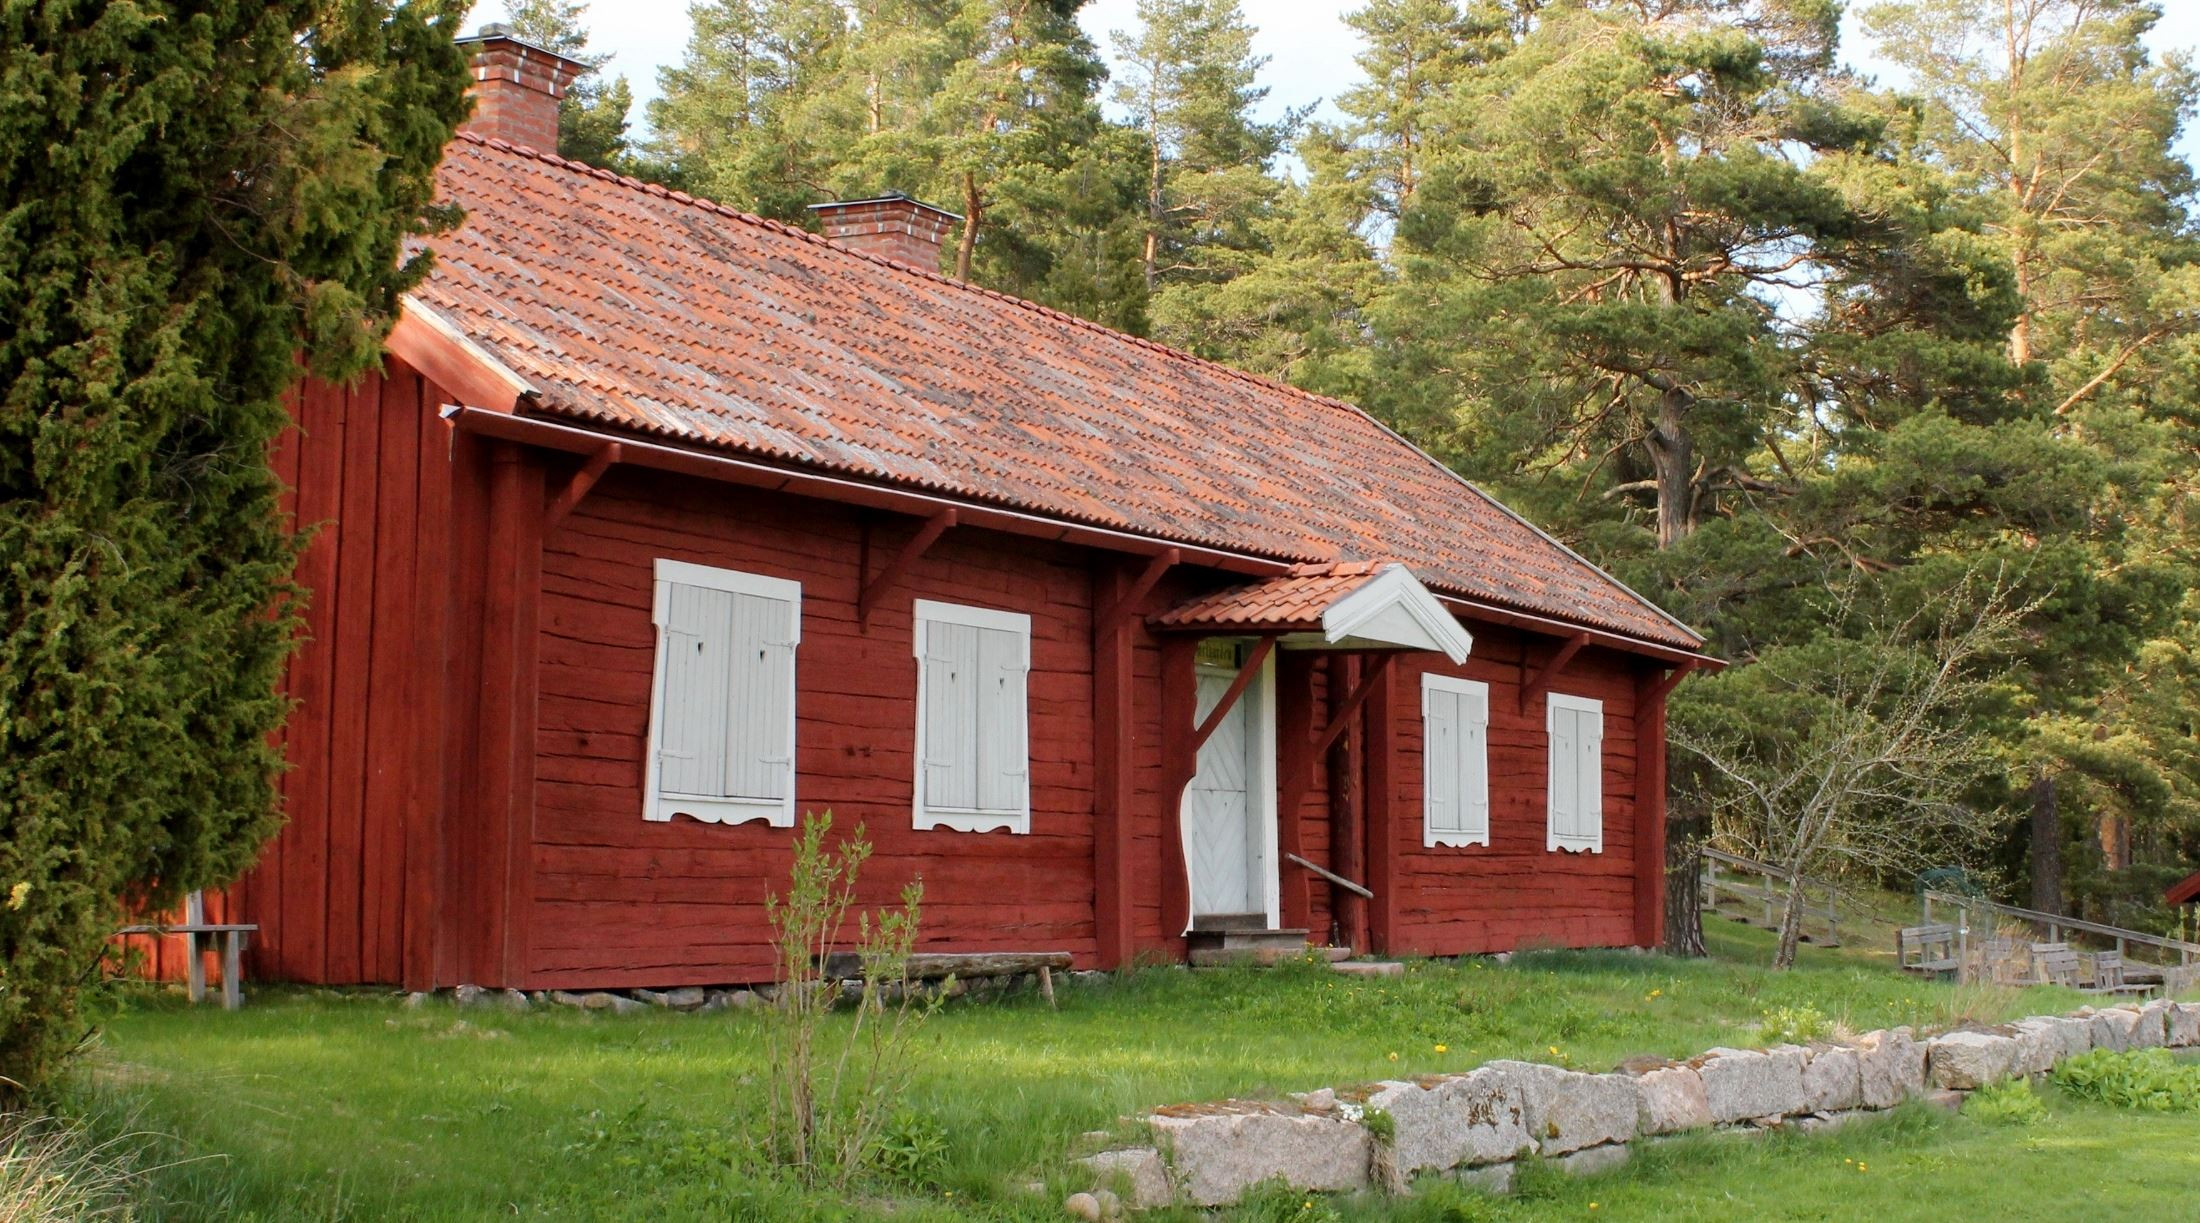 Gammelgården är föreningens första byggnad. Den kommer från Erk-Ers i Hallsbo. Innuti finns praktfulla vägg- och takmålningar.